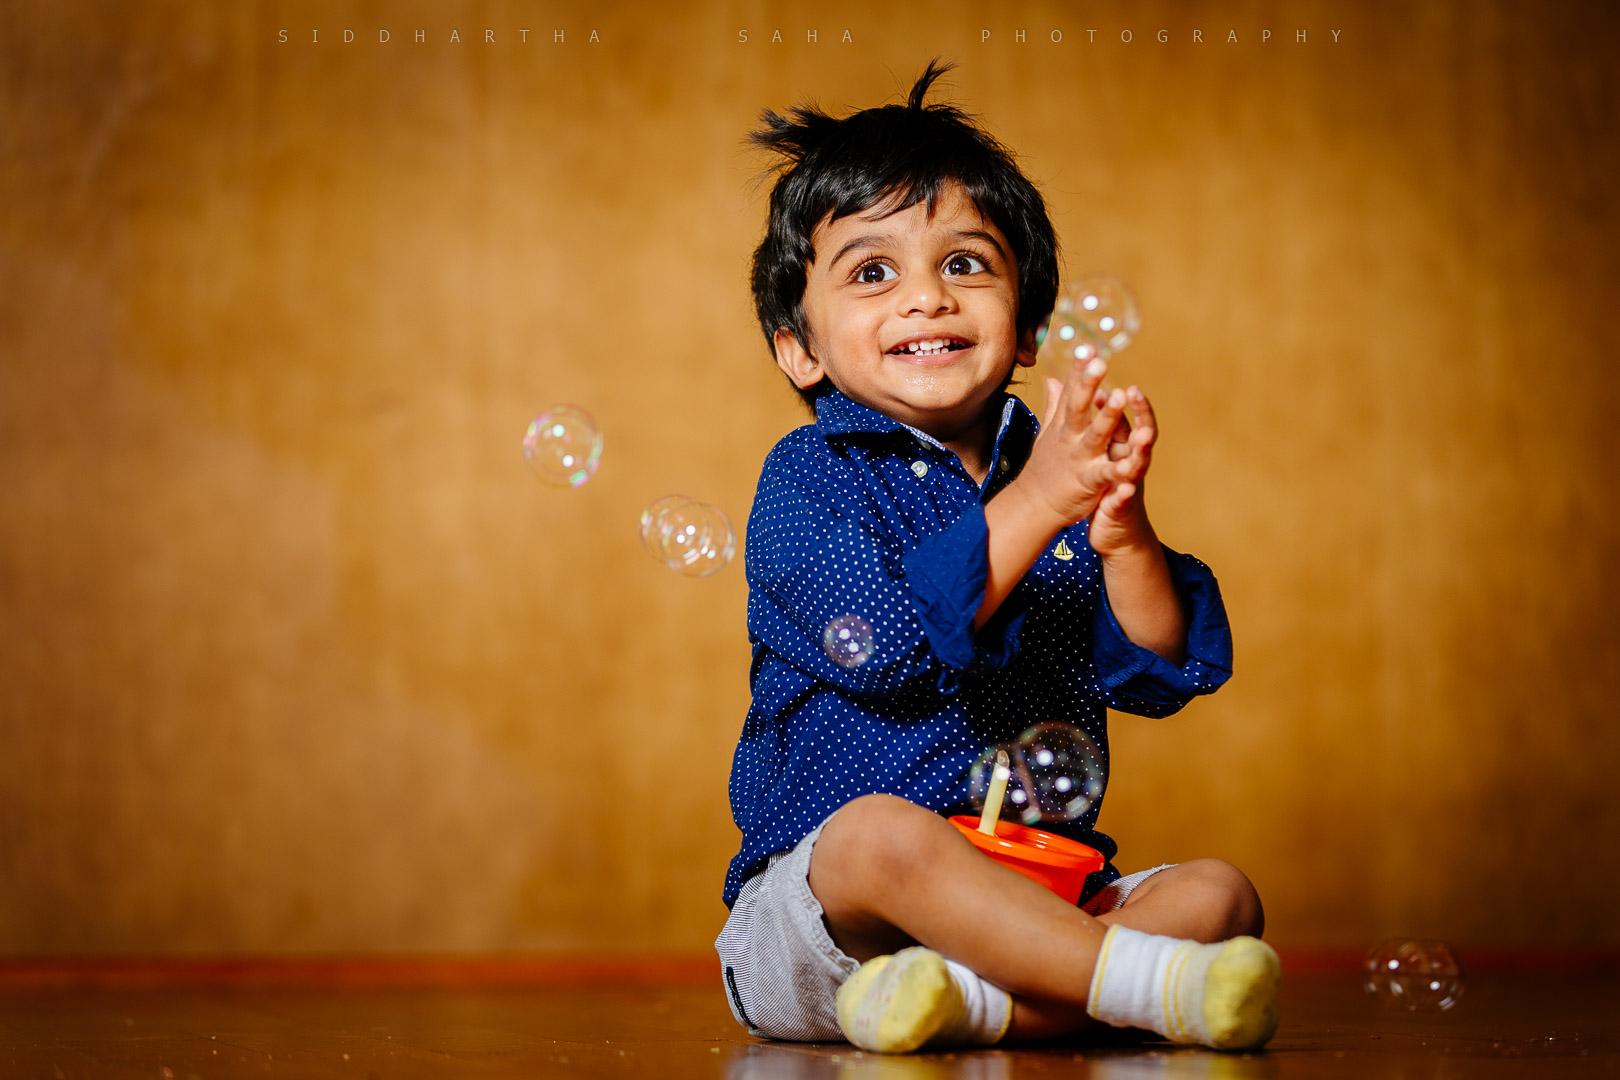 2015-06-14 - Ranjani Naveen Vihaan Photoshoot - _05Y6923